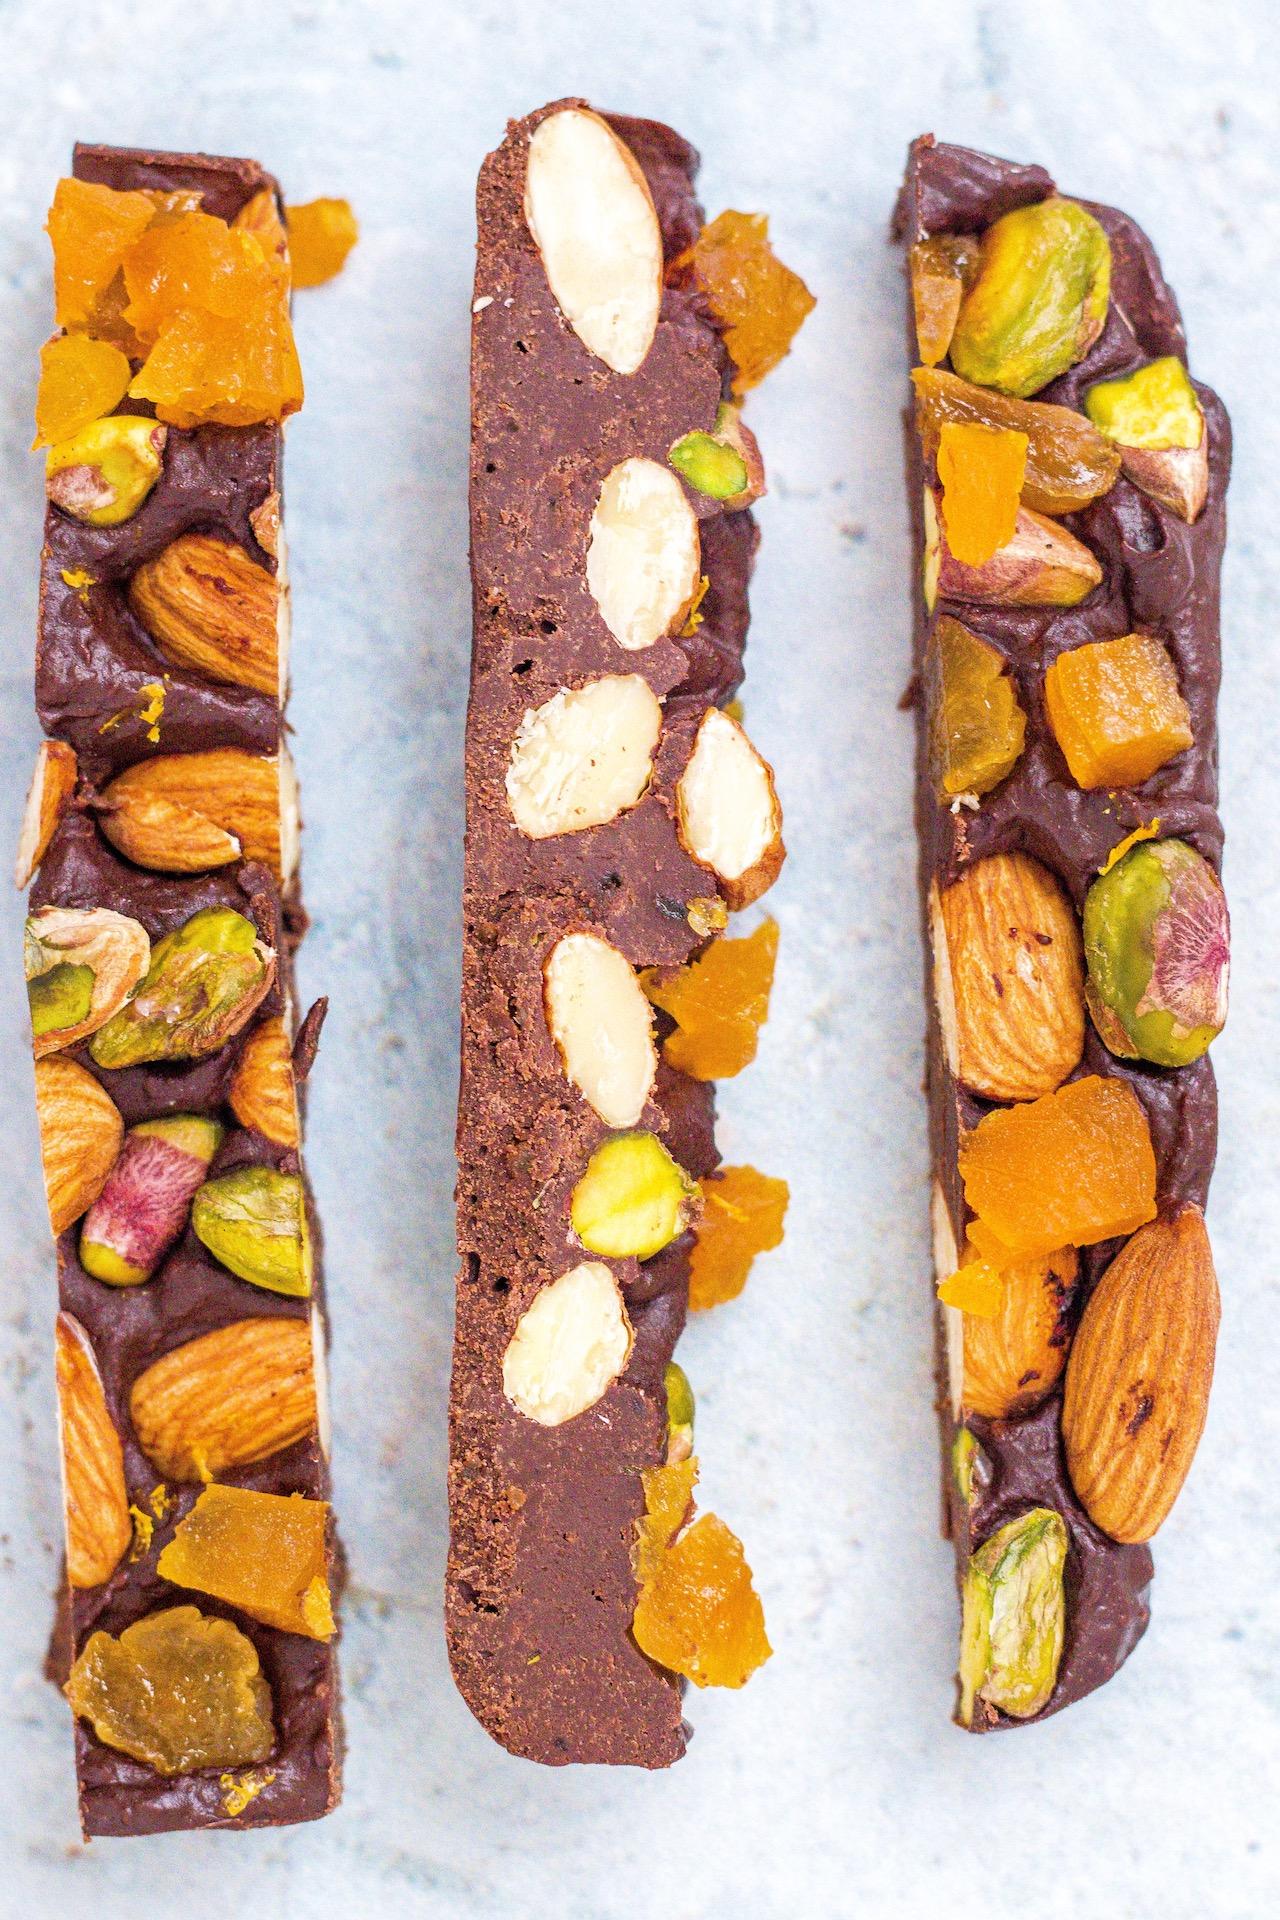 Vegane Schokoriegel aus Datteln, Trockenfrüchten und Nüssen.  #vegan #schokolade #einfach